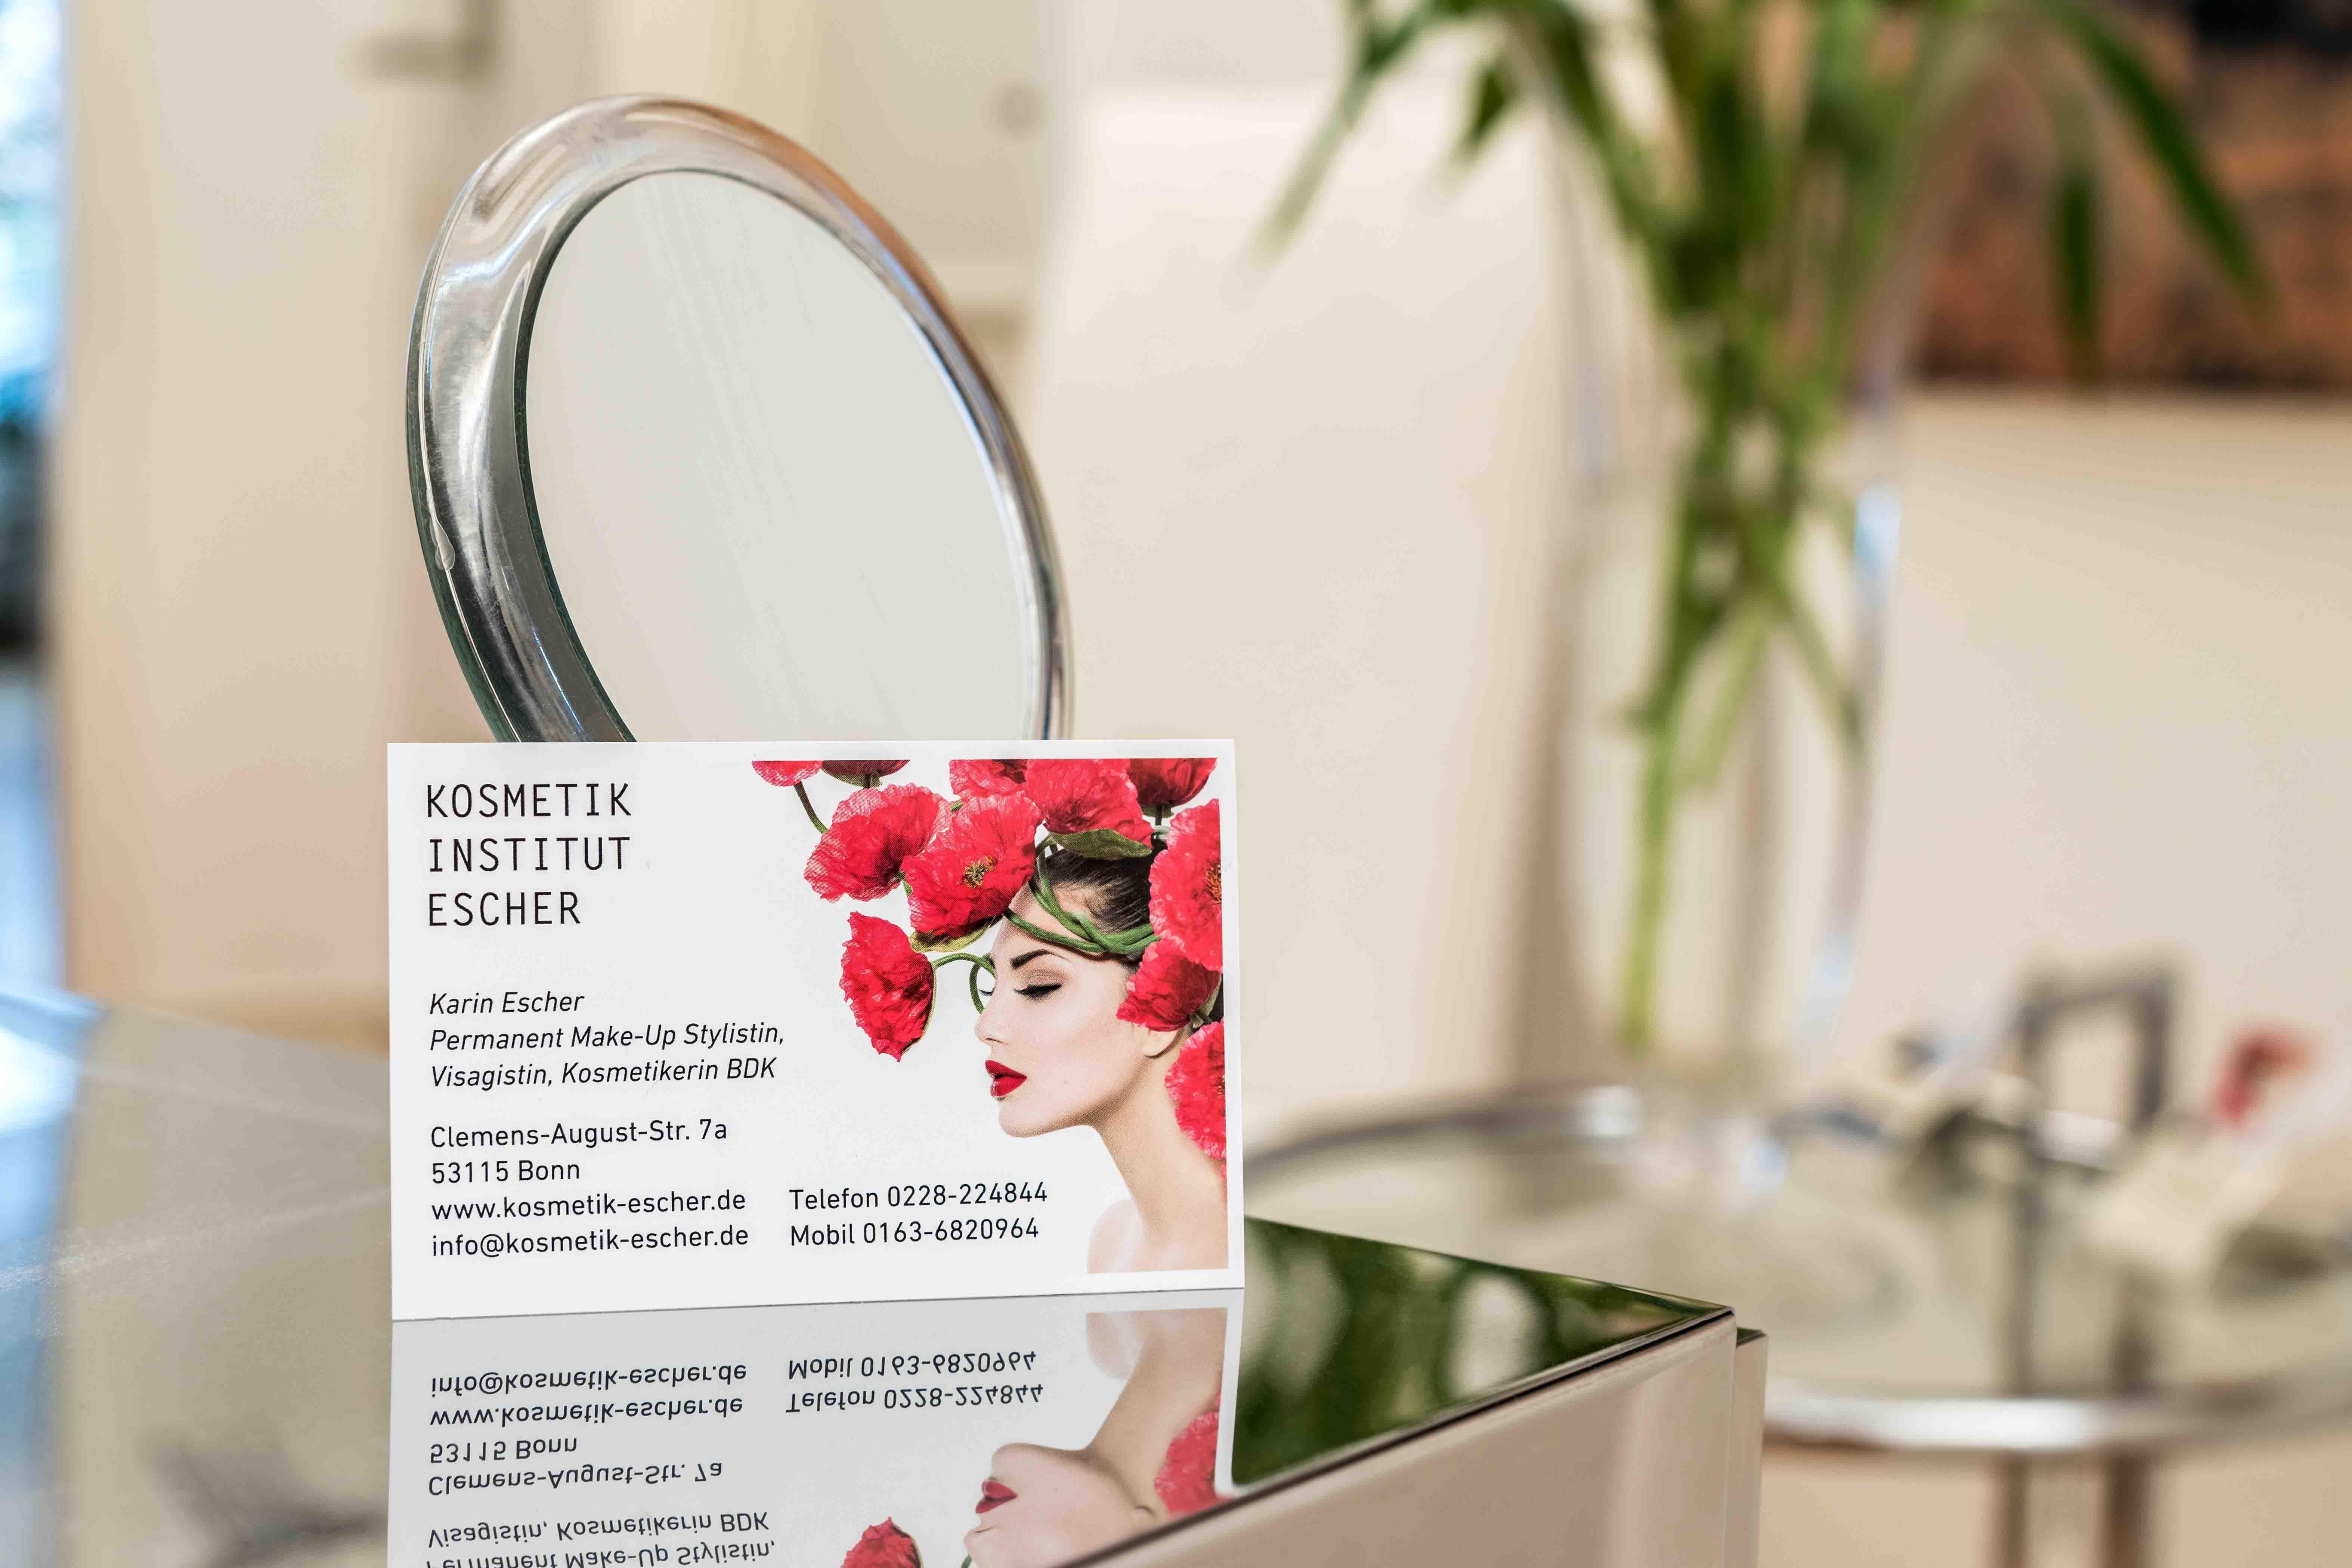 Kosmetikinstitut Escher